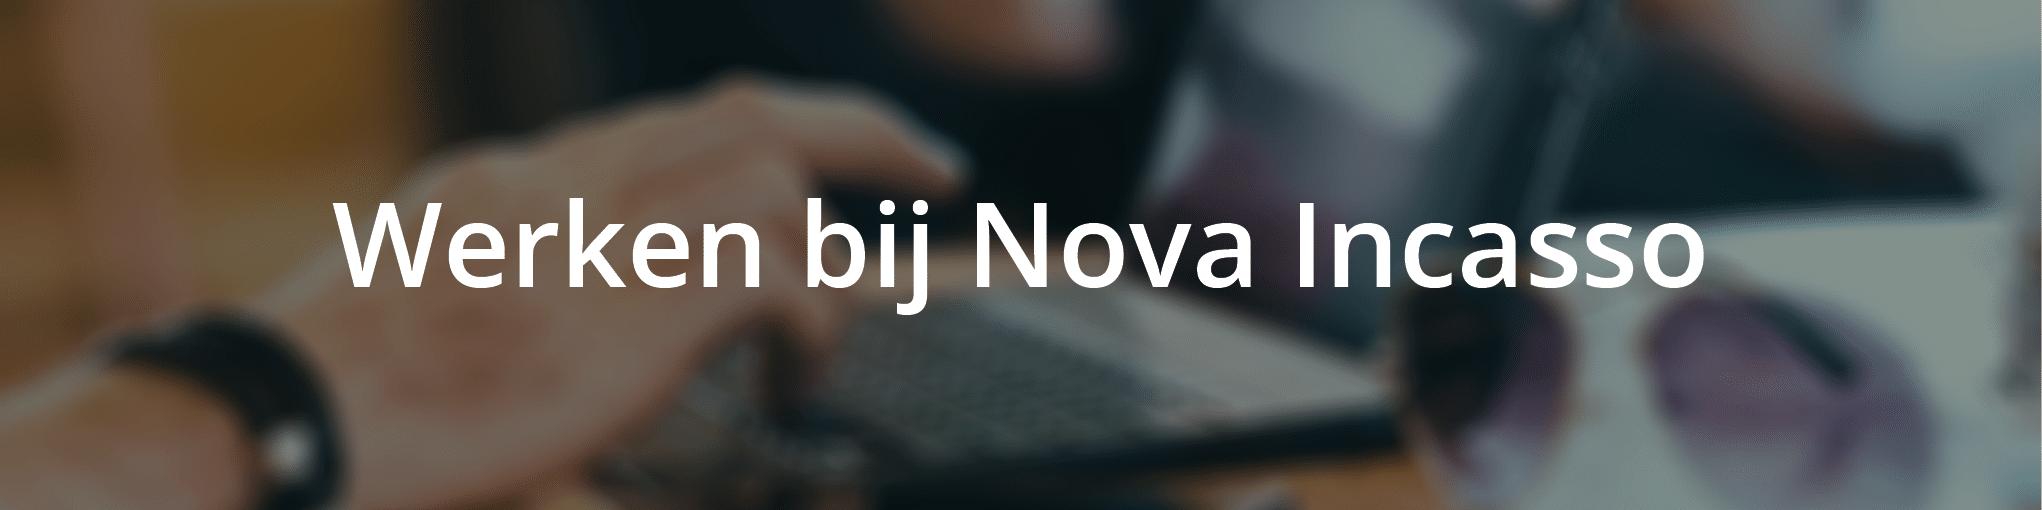 Werken Bij Nova Incasso